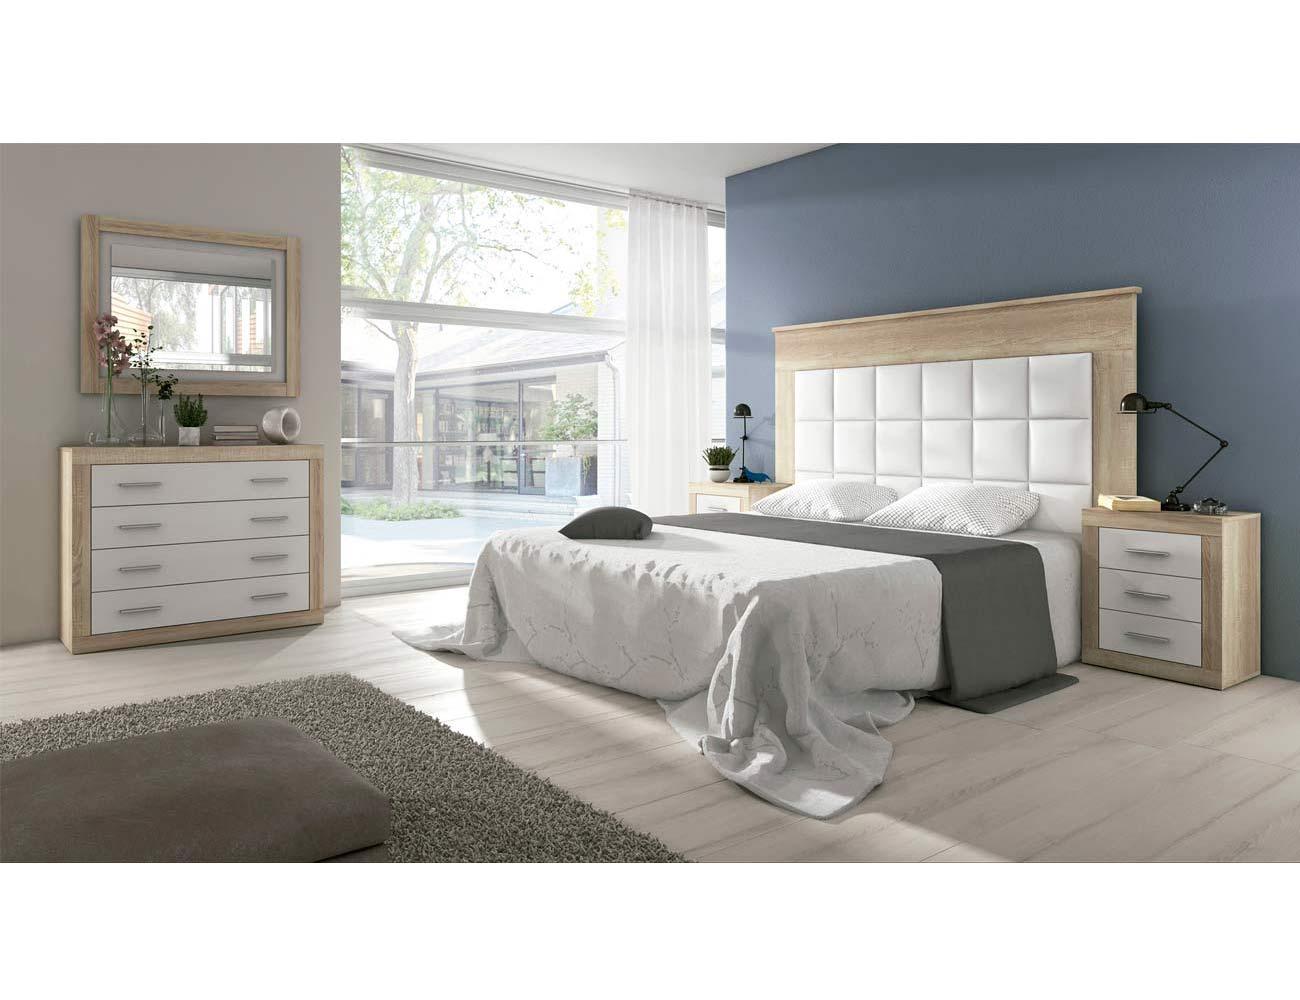 08 dormitorio matrimonio polipiel cambrian blanco